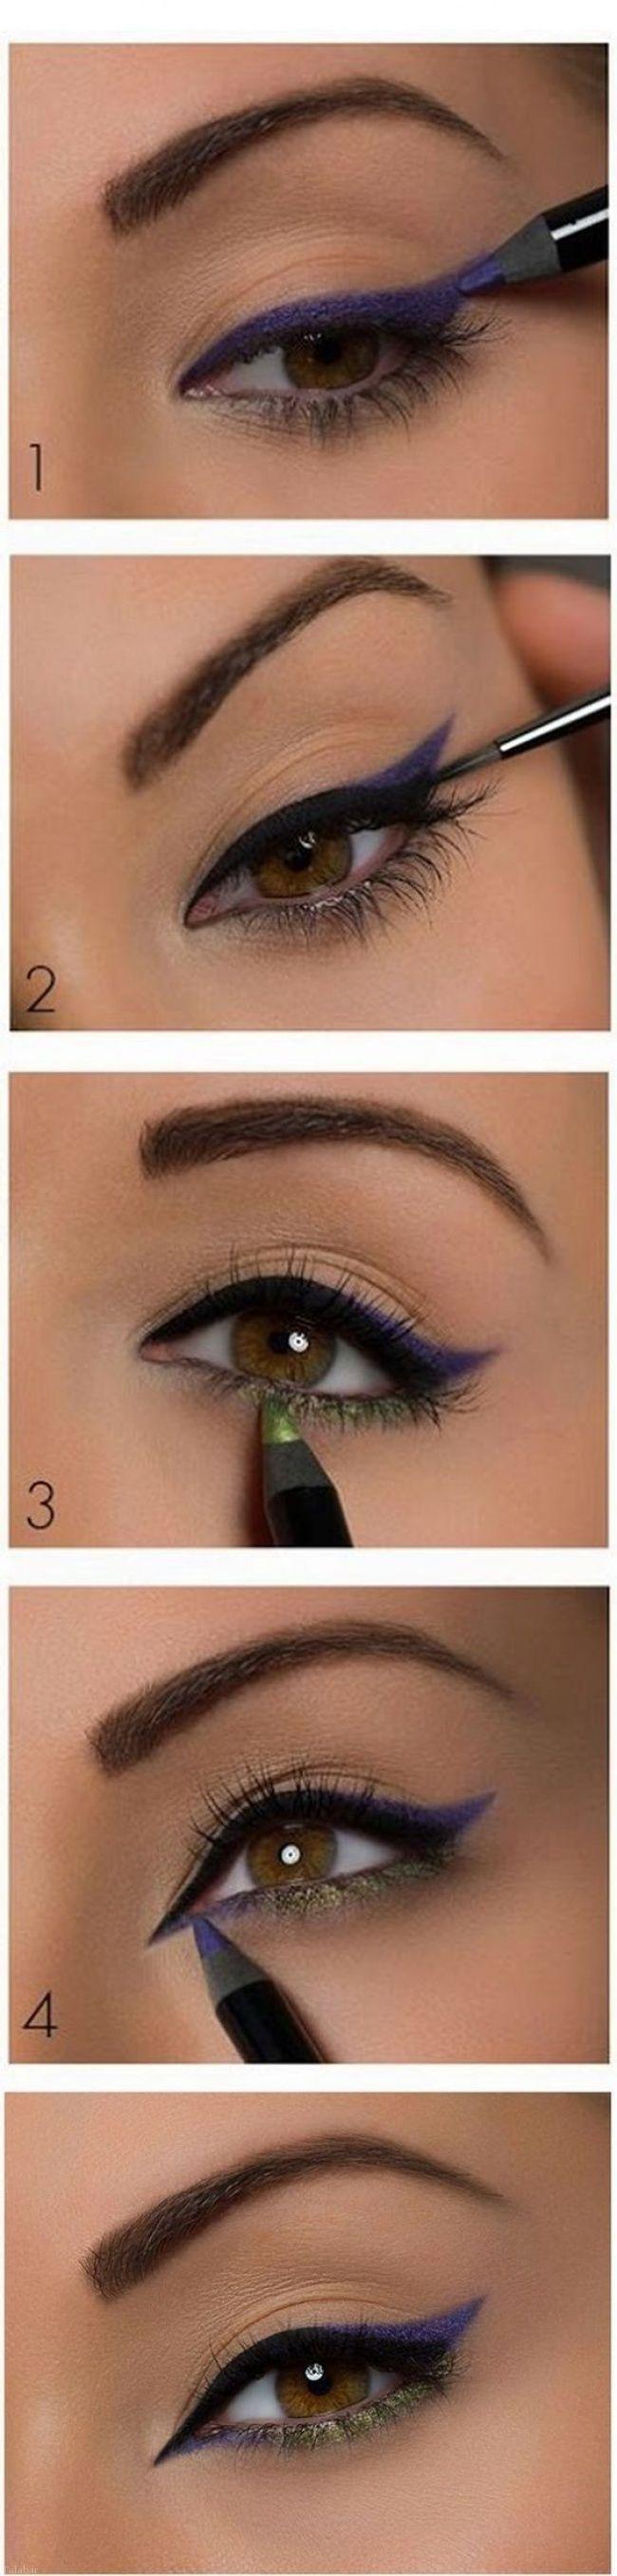 زیباترین خط چشم به همراه آموزش (+عکس)